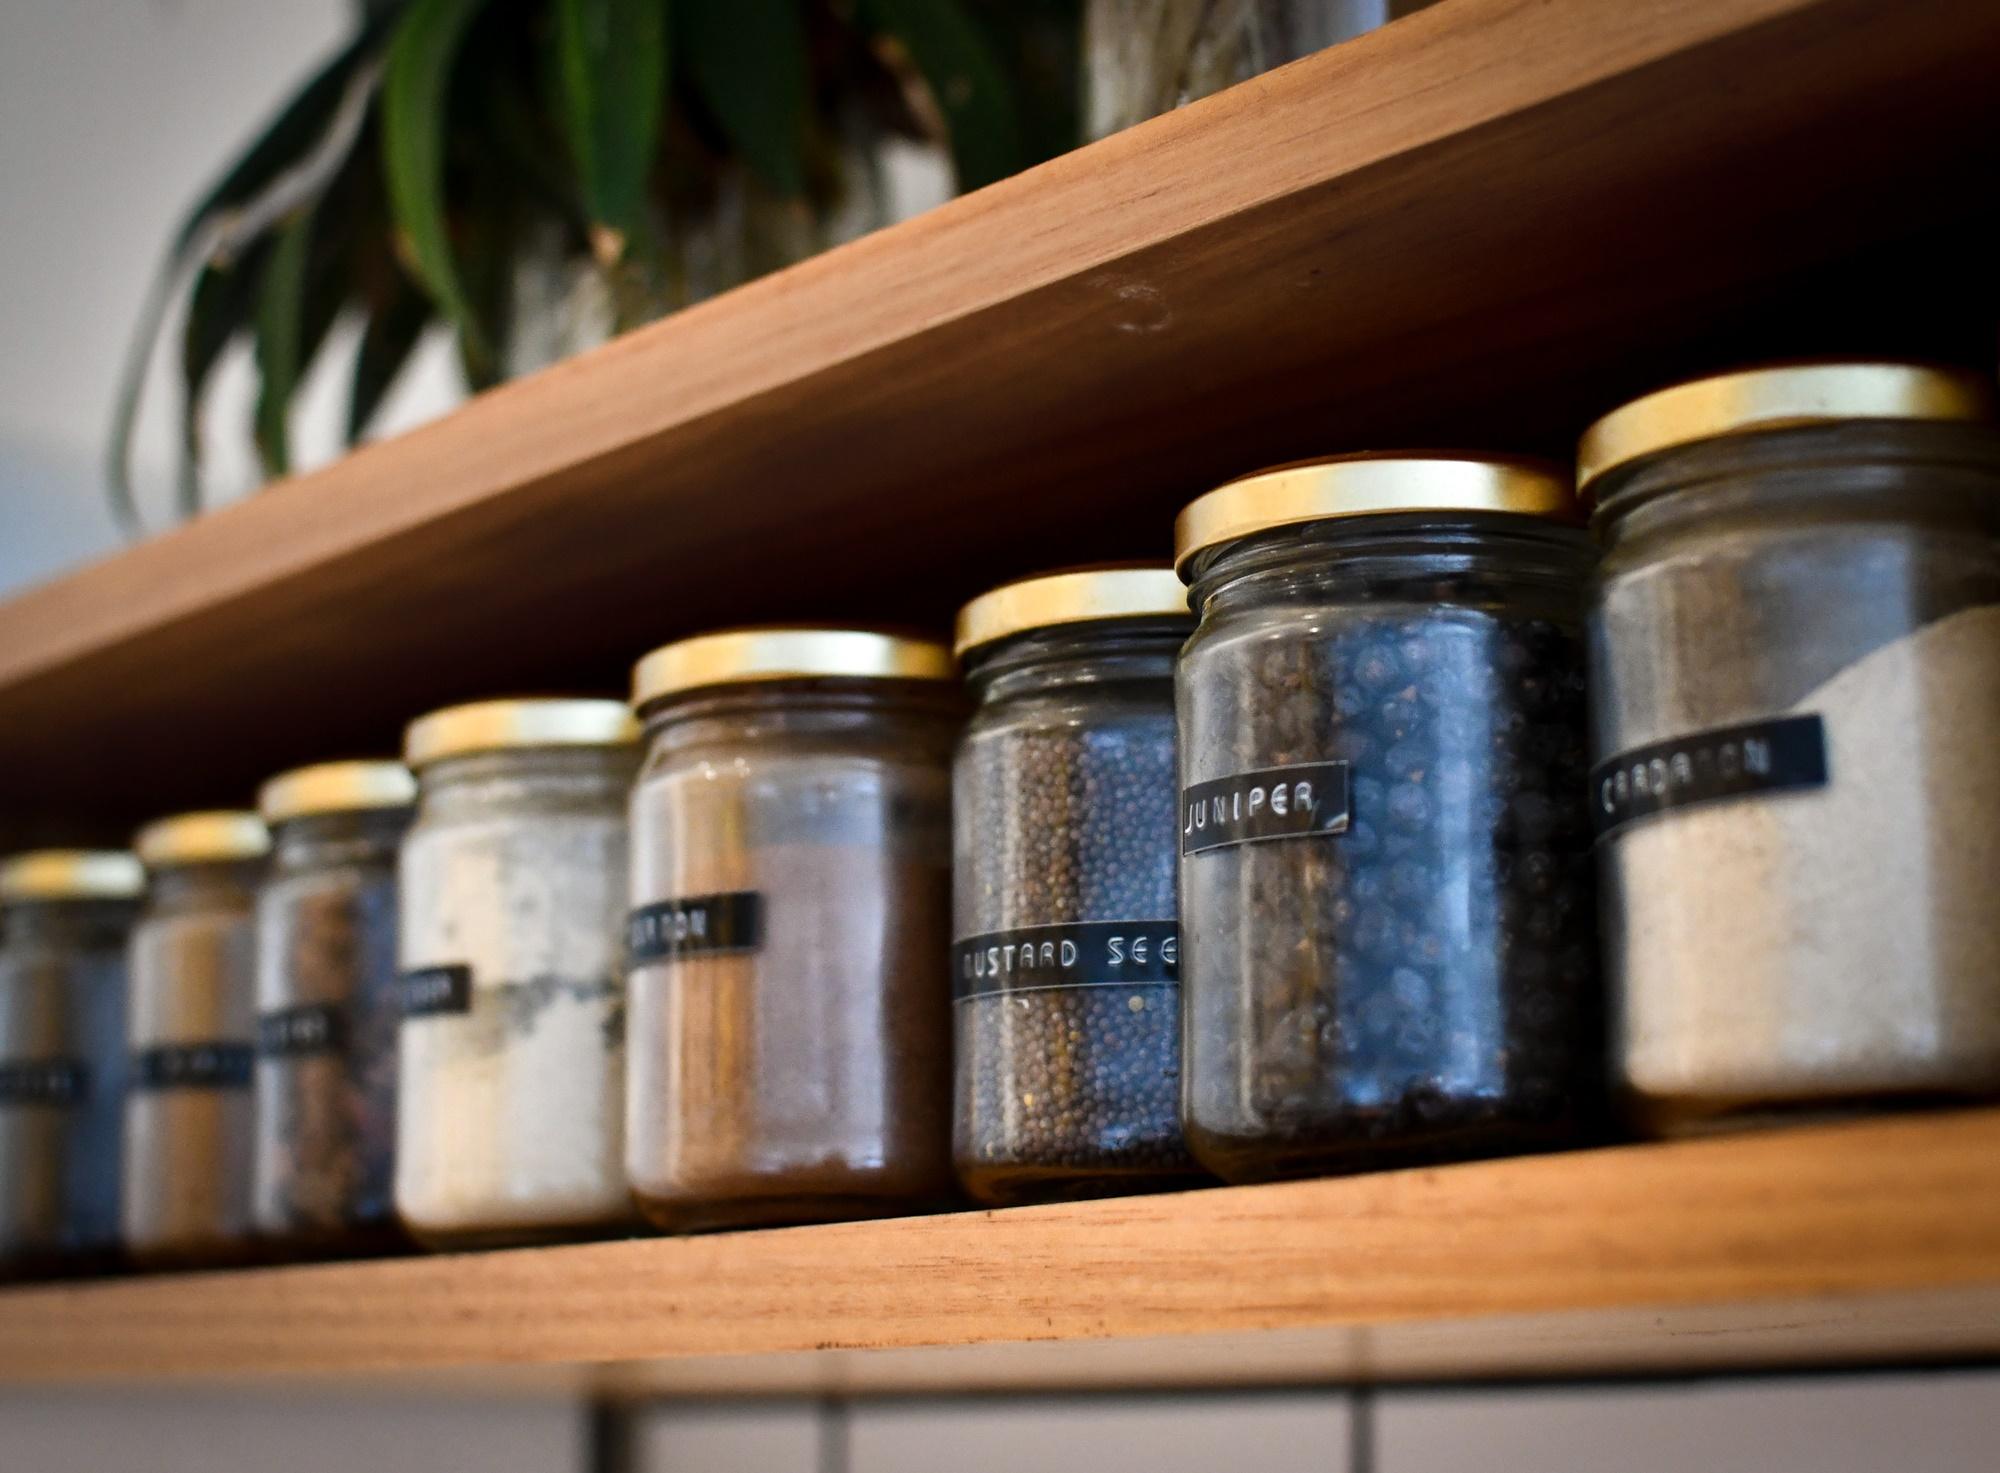 キッチンきれいにまとまってる?低コストで始める調味料の収納方法!